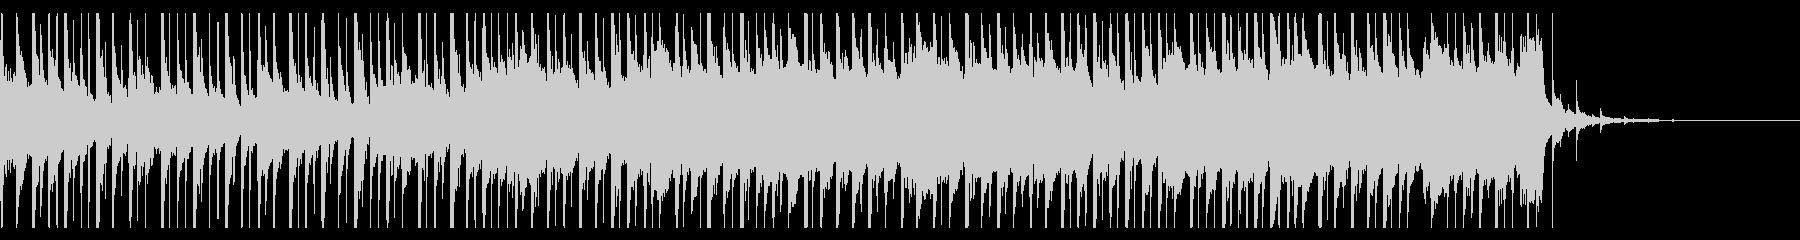 成功の構築(30秒)の未再生の波形